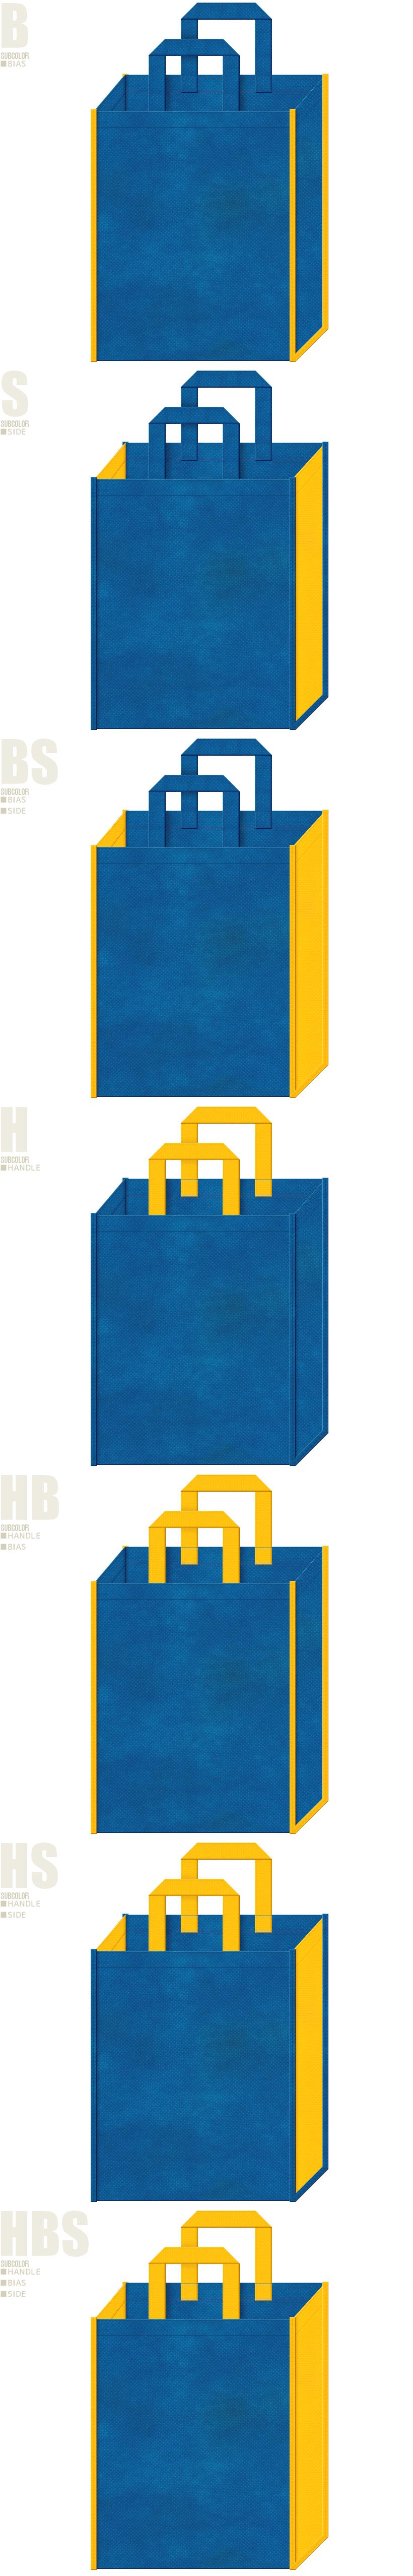 テーマパーク・ロボット・ラジコン・おもちゃ・ゲームの展示会用バッグにお奨めの不織布バッグデザイン:青色と黄色の不織布バッグ配色7パターン